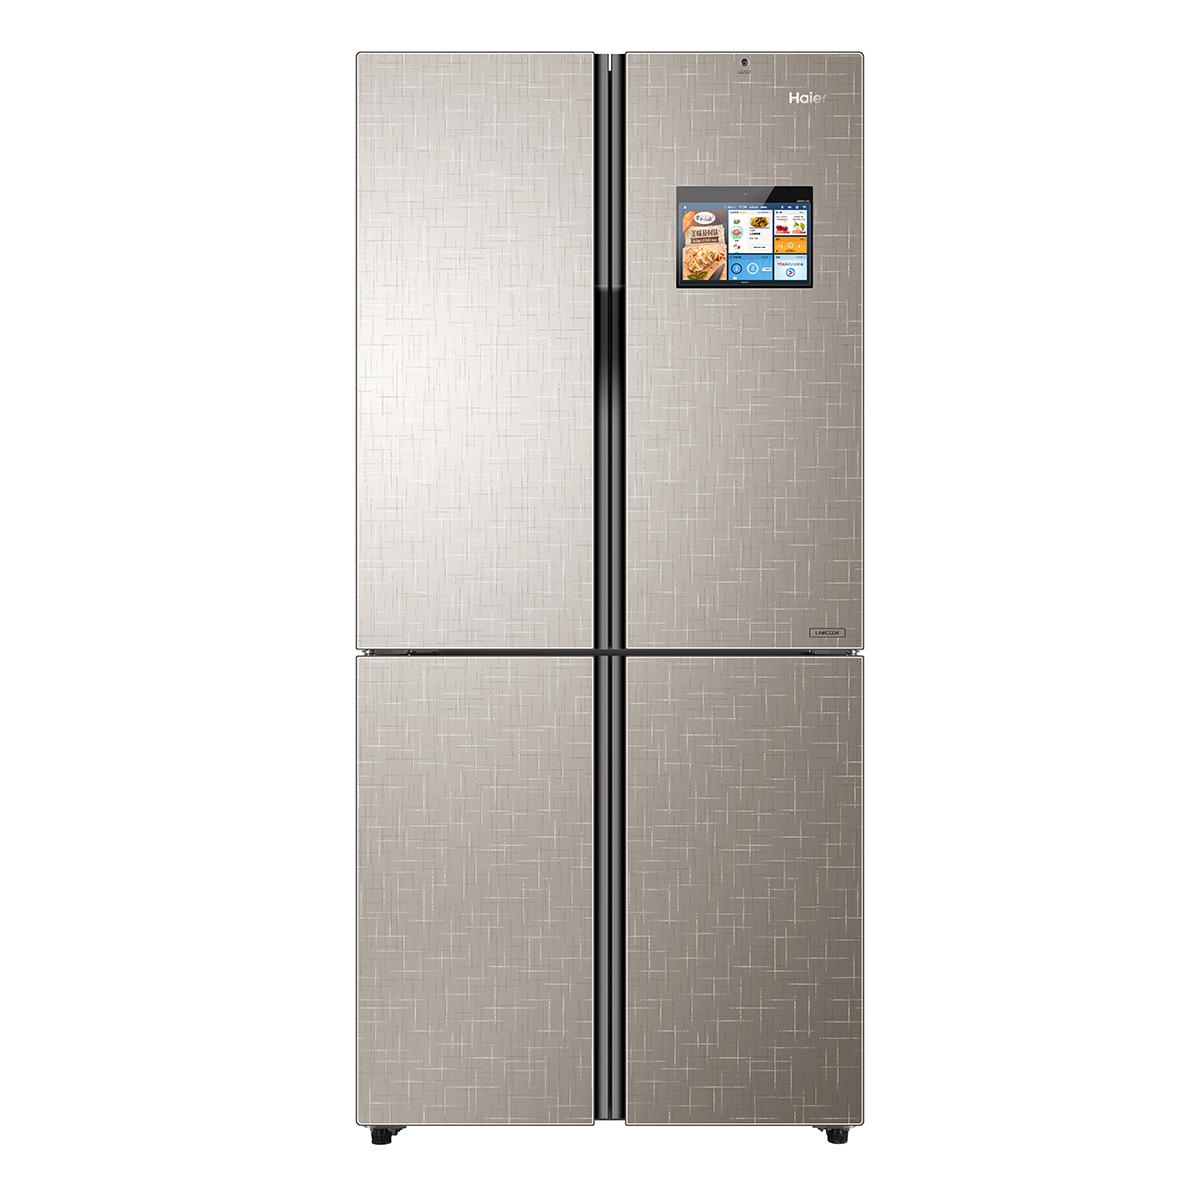 海尔Haier冰箱 BCD-475WDIDU1 说明书